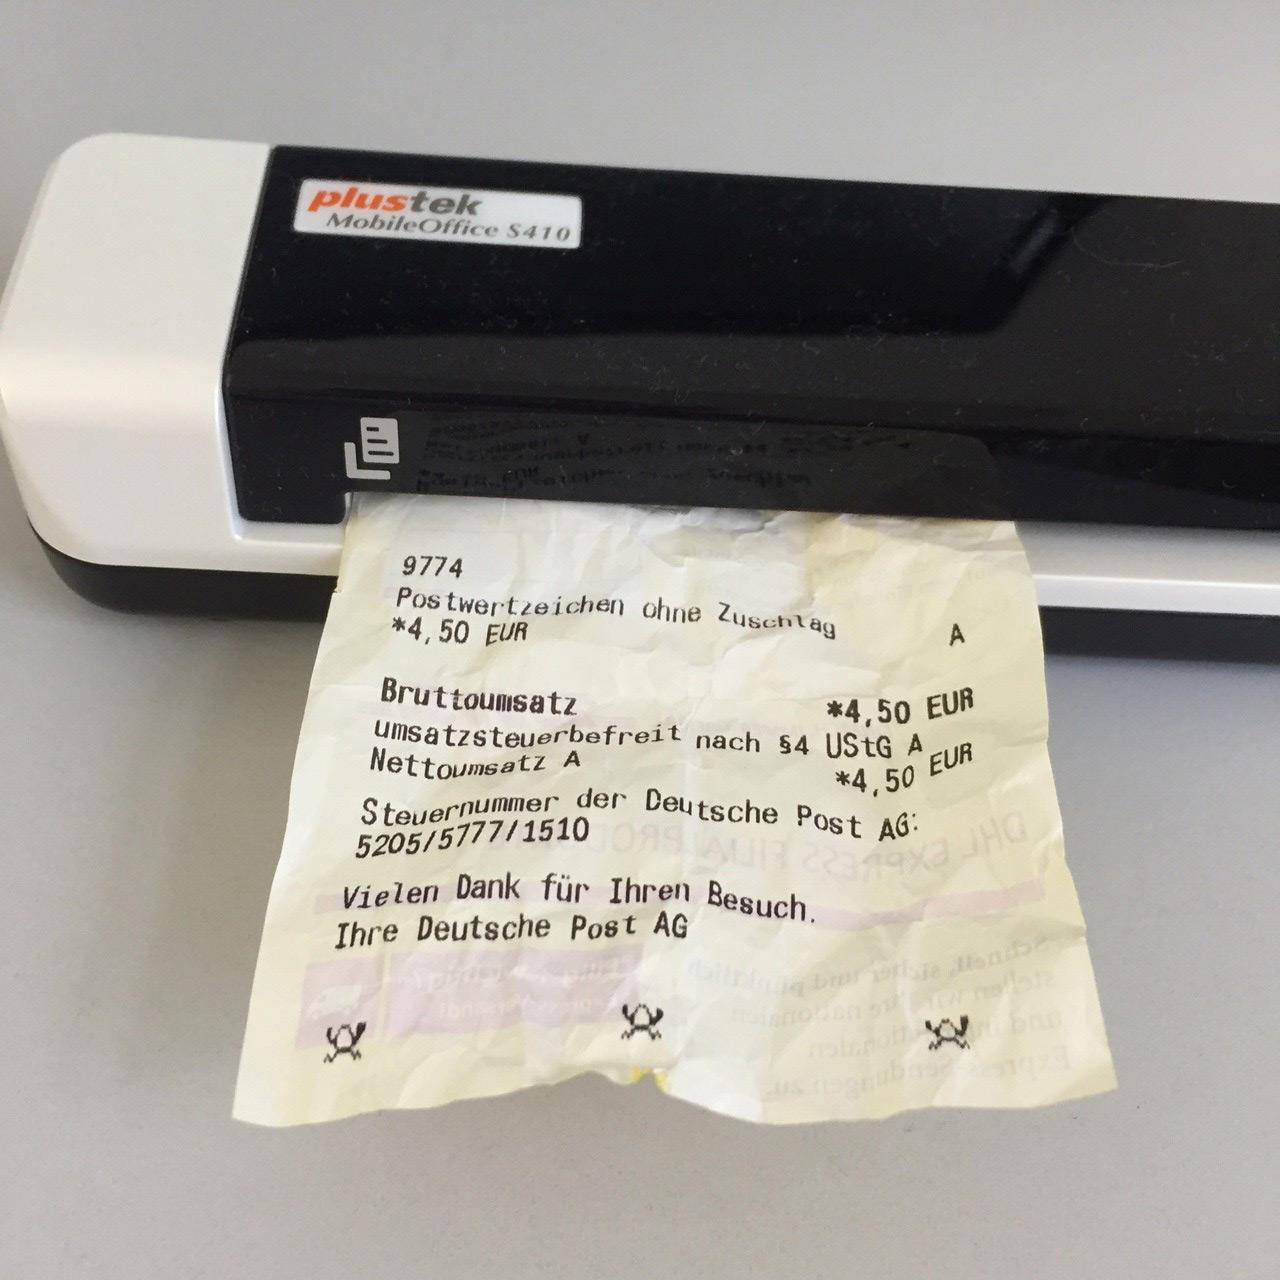 Schlechte Quittungen und Belege scannen.